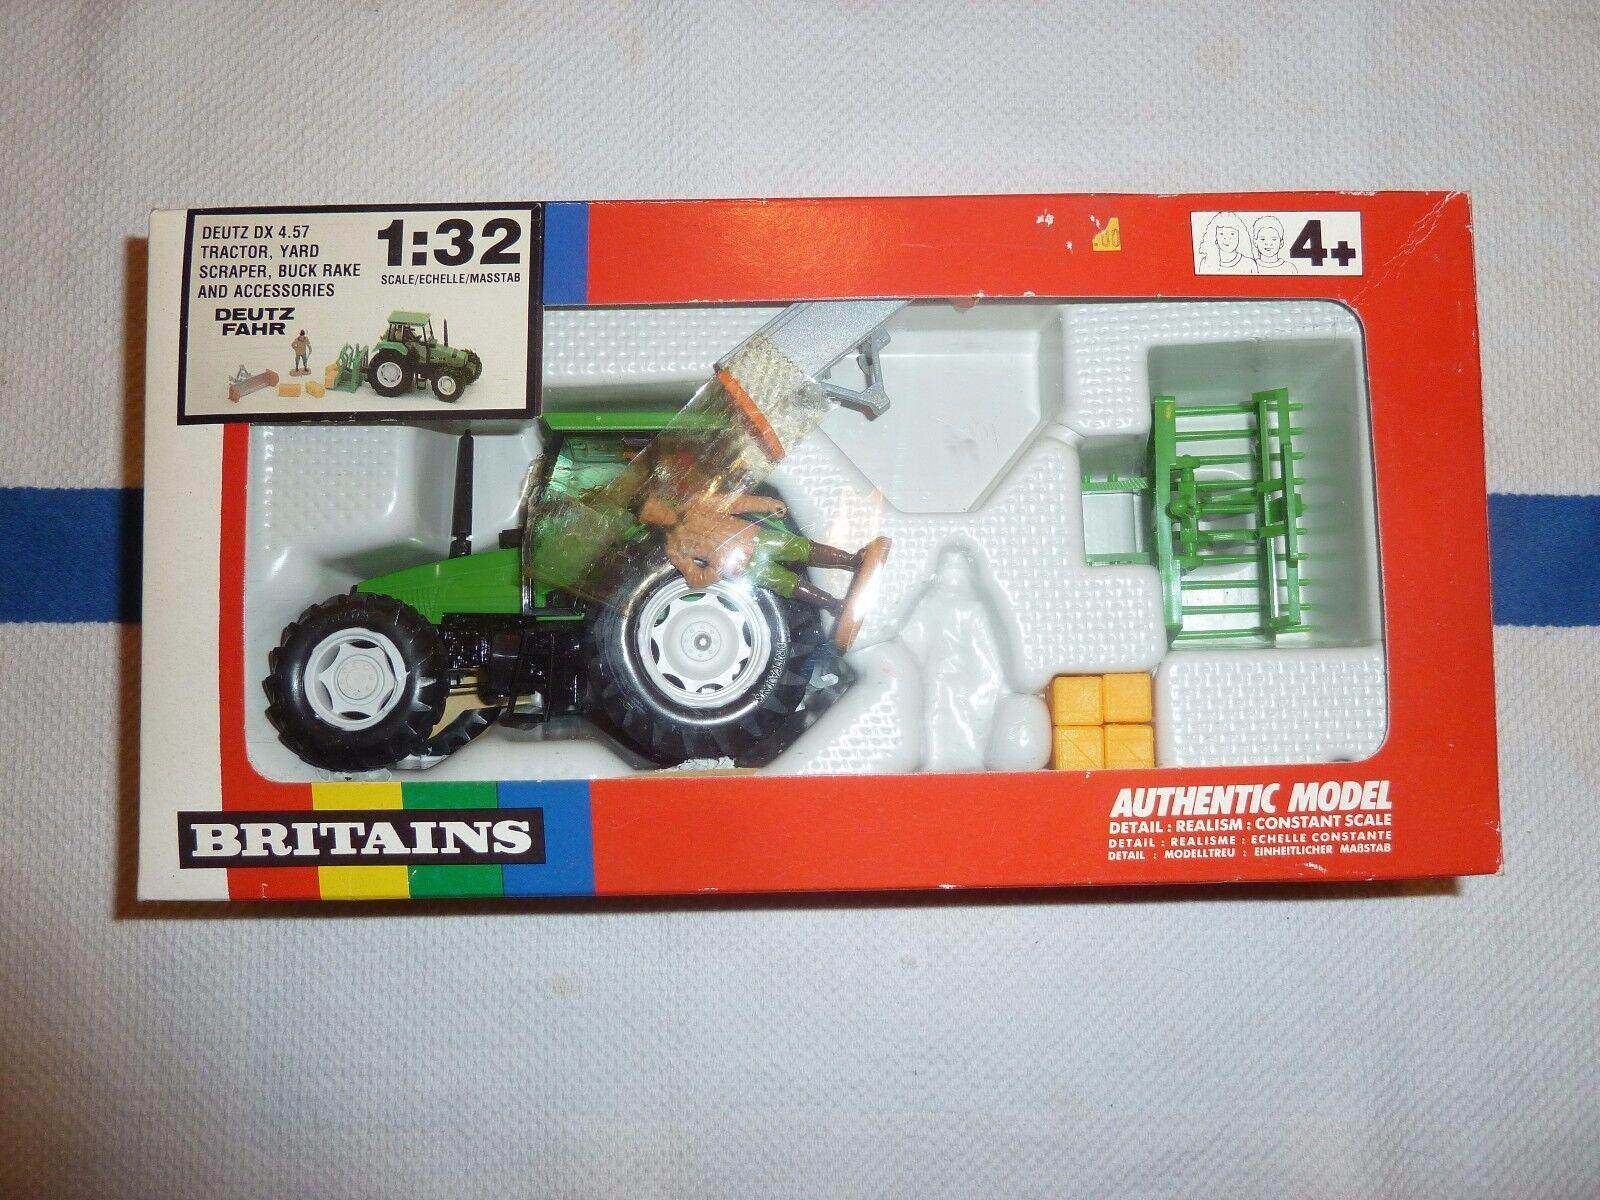 Britains  9654 Deutz Fahr Tractor Con Raspador De Jardín, Rastrillo De Buck Y Accesorios